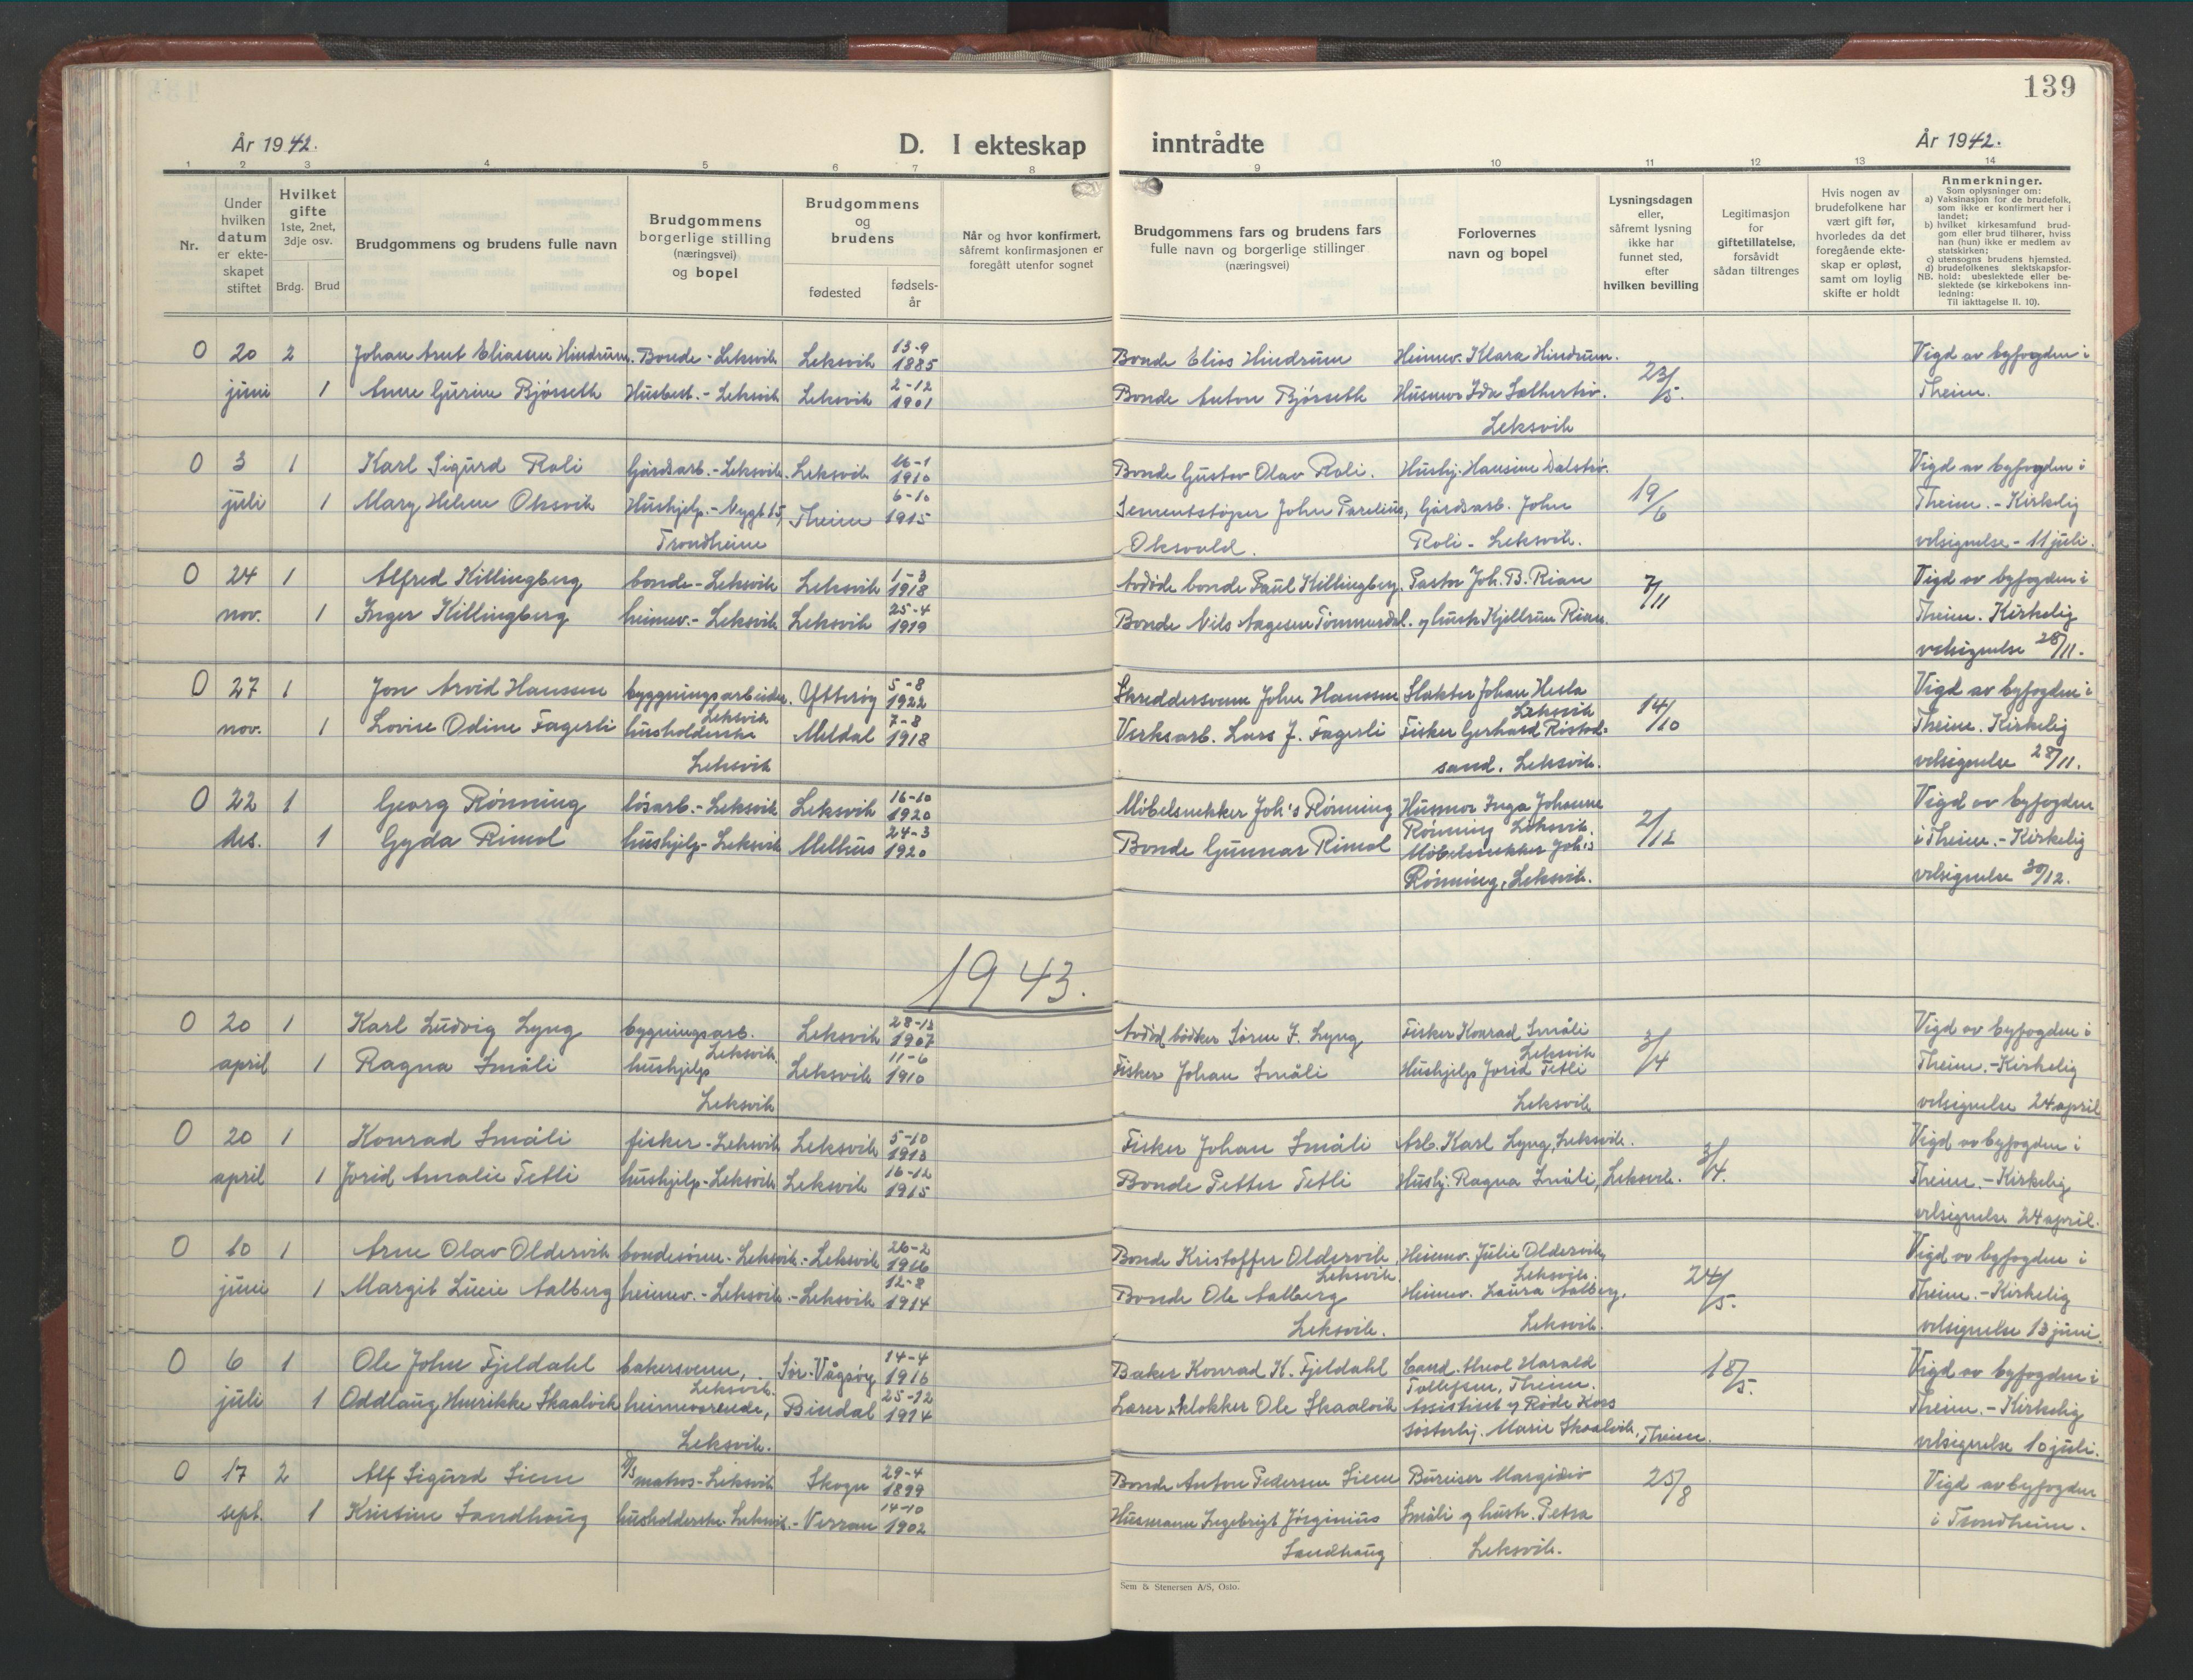 SAT, Ministerialprotokoller, klokkerbøker og fødselsregistre - Nord-Trøndelag, 701/L0019: Klokkerbok nr. 701C03, 1930-1953, s. 139